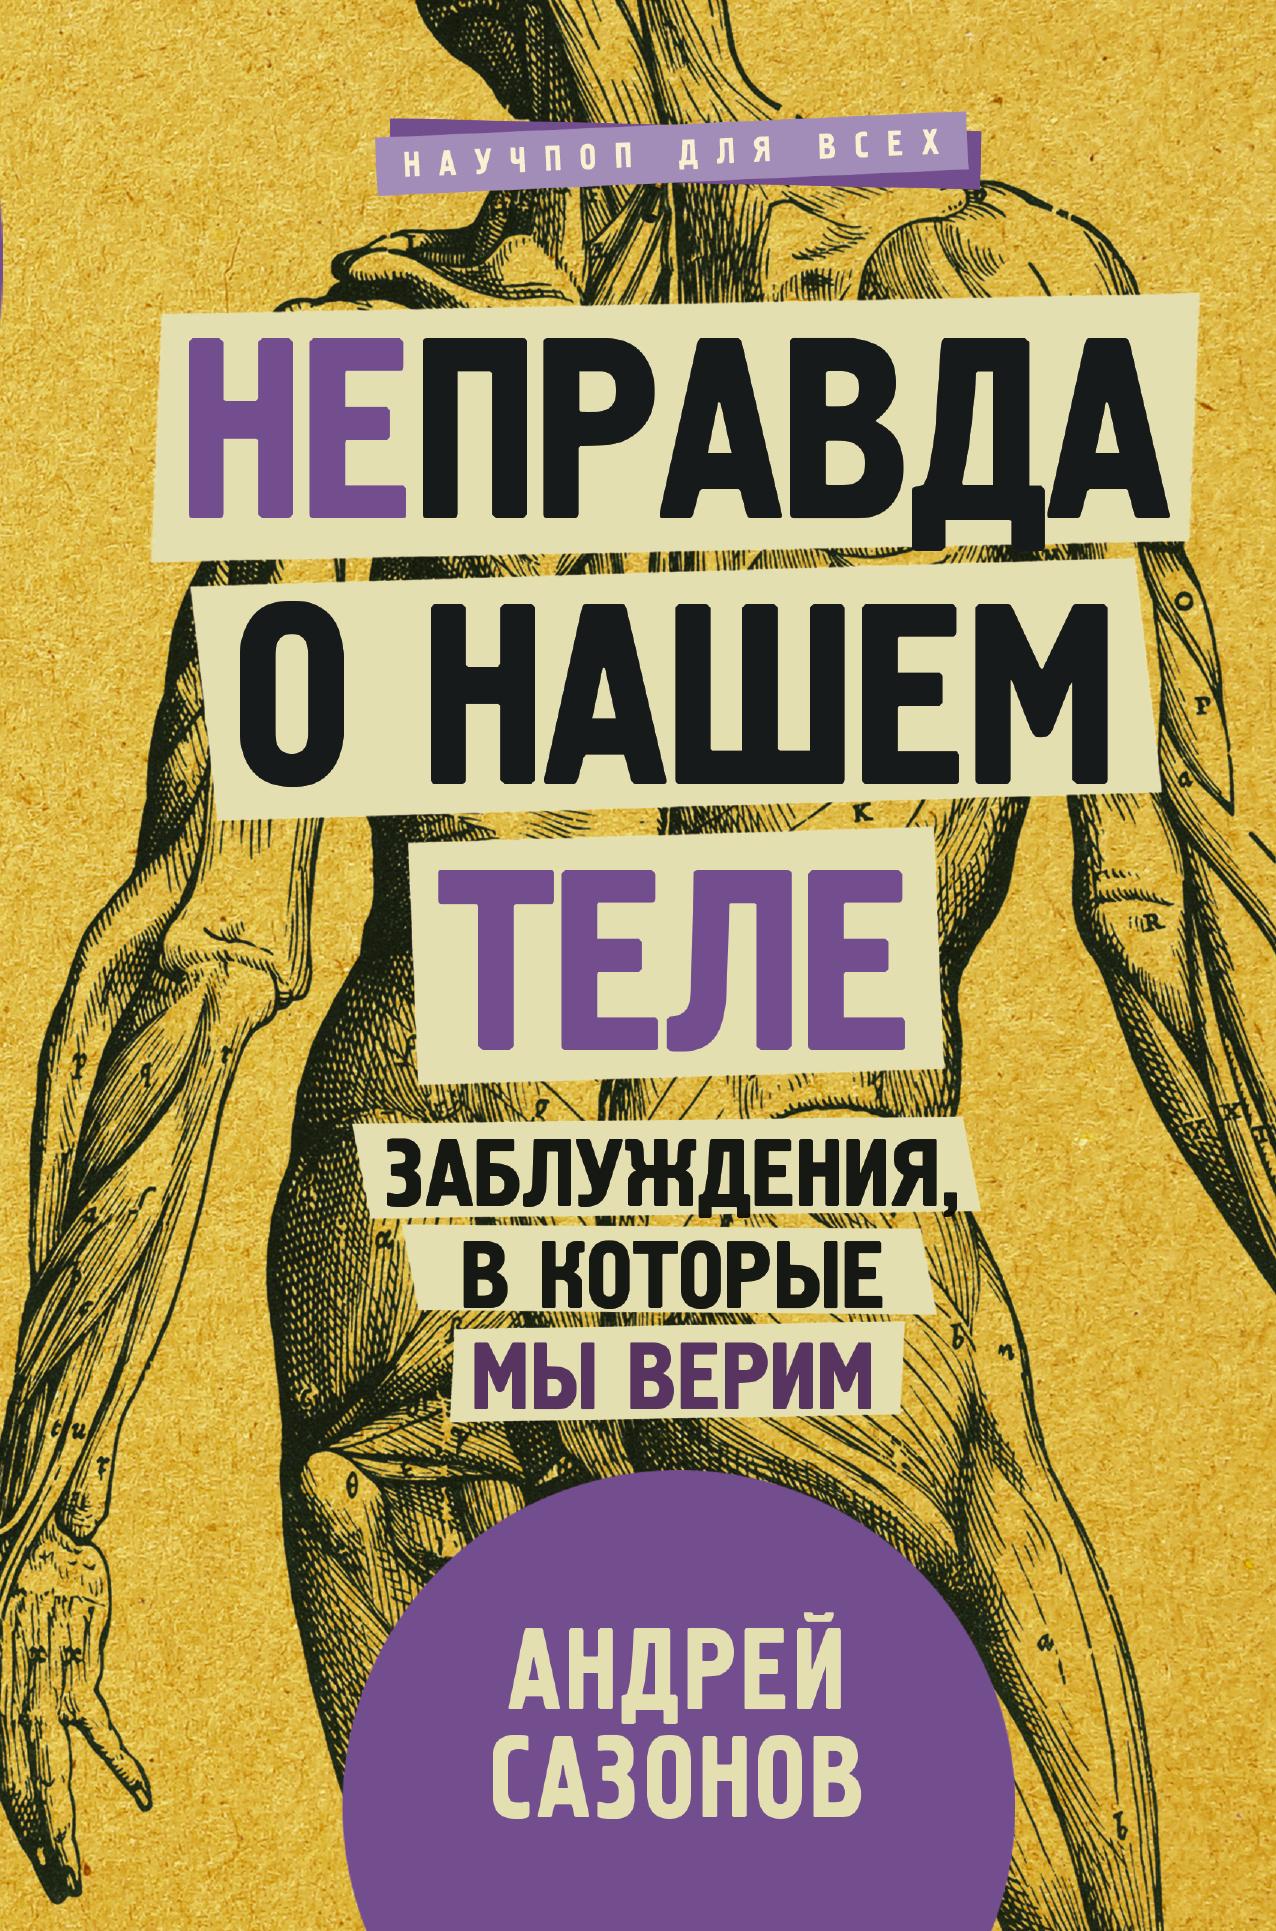 Андрей Сазонов бесплатно